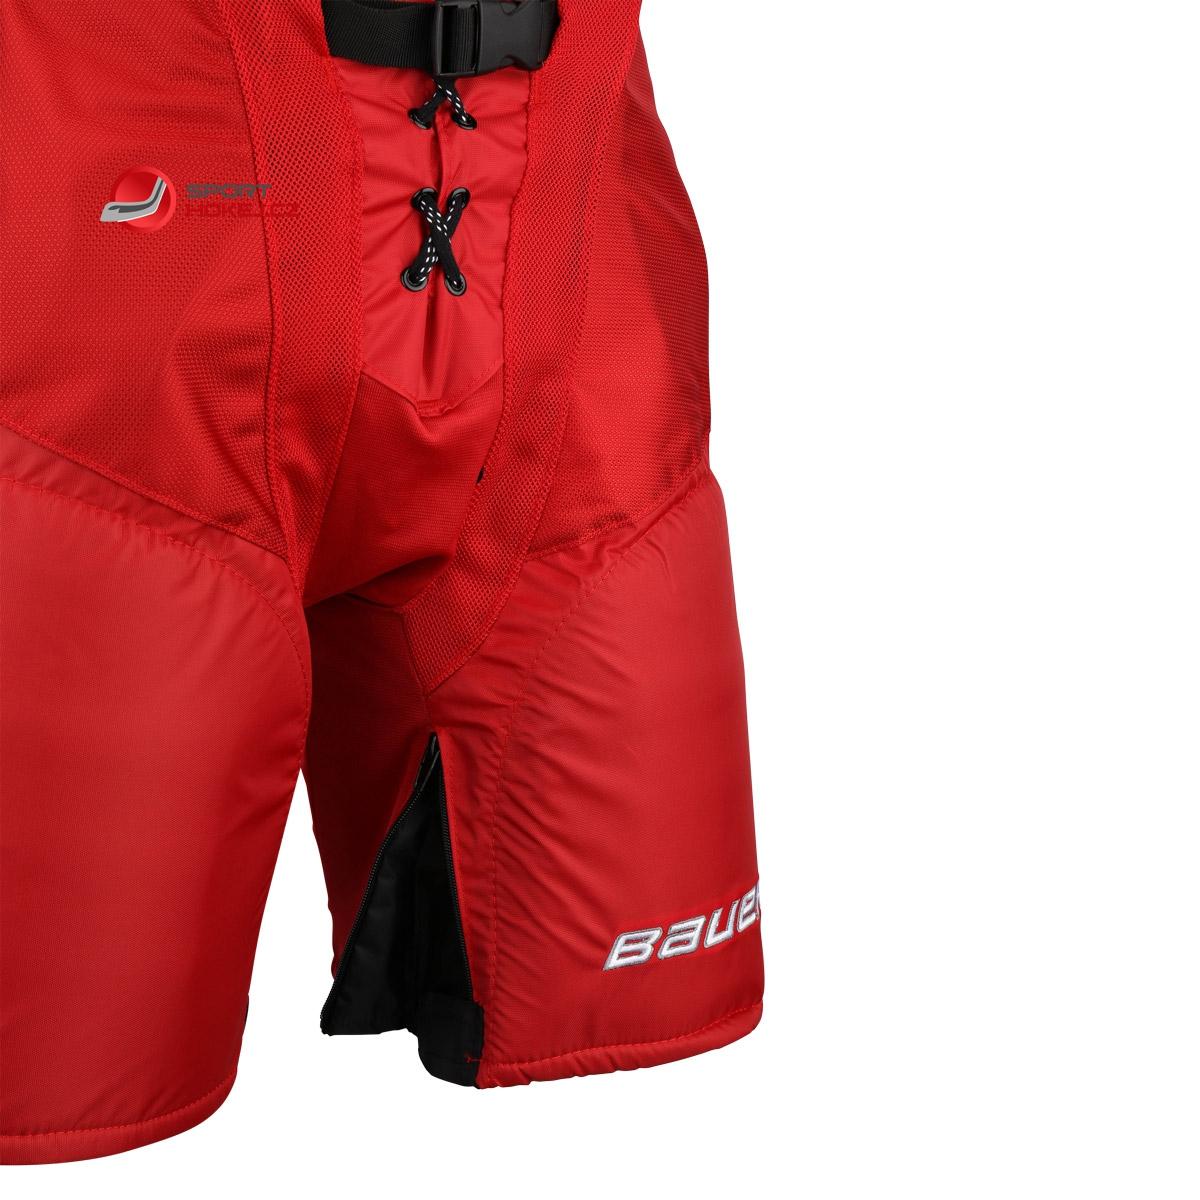 ... Hokejové kalhoty BAUER Vapor X800 SR a654154ef7